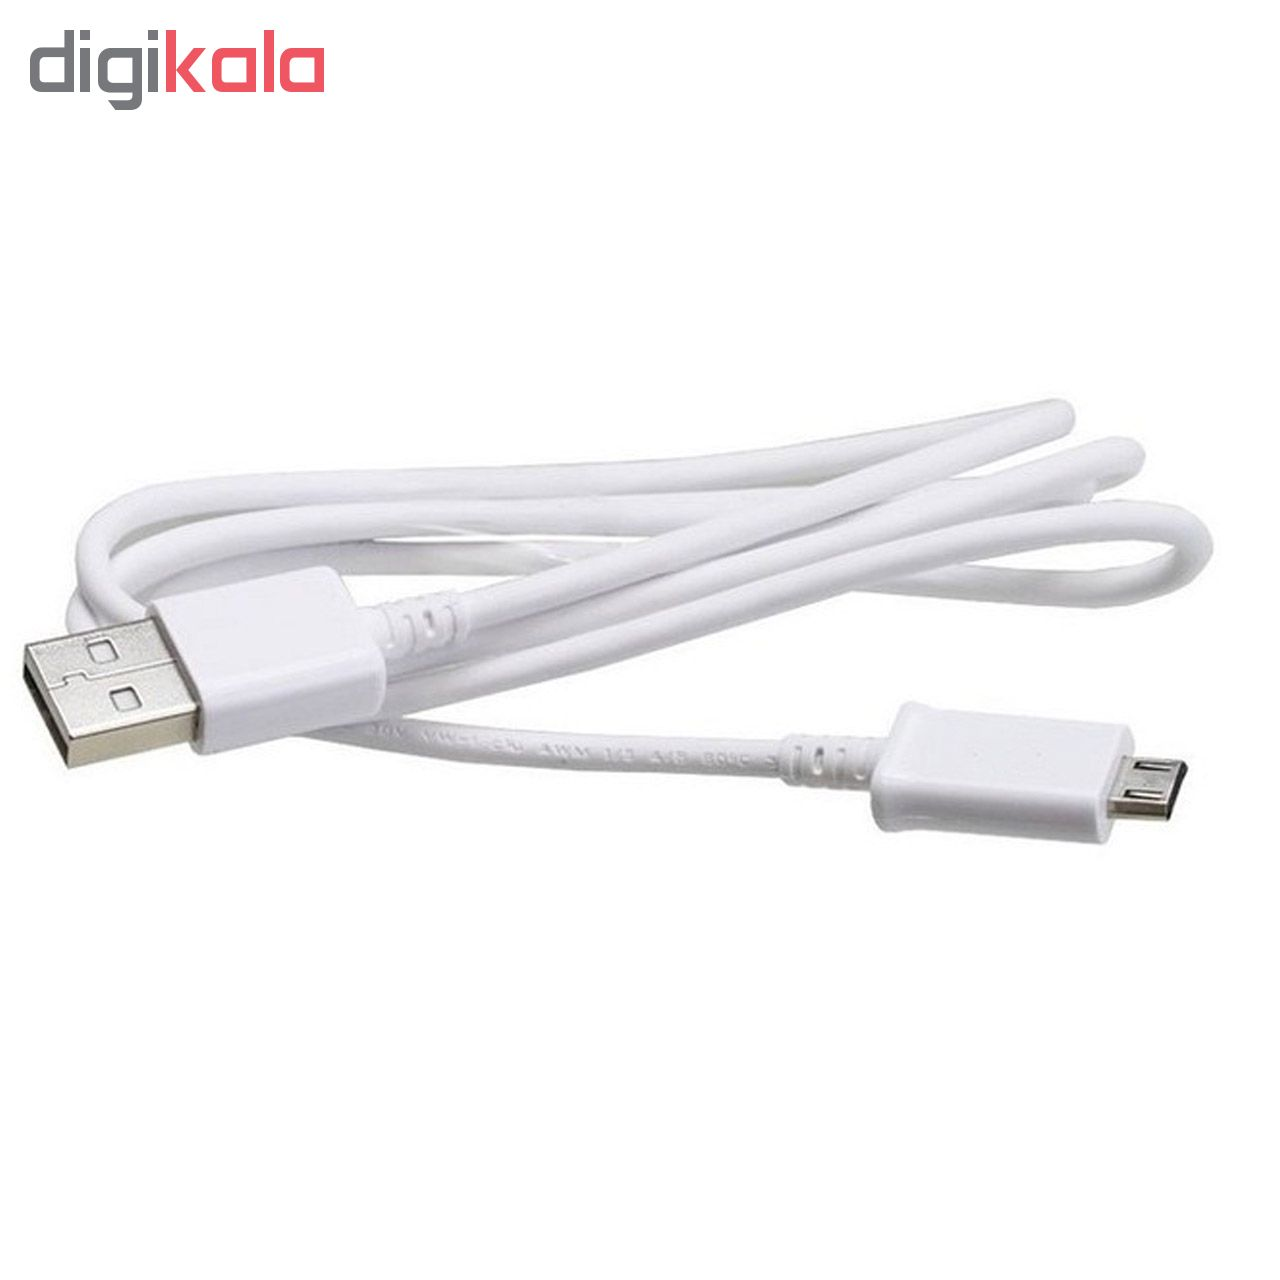 کابل تبدیل USB به microUSB مدل ECB-DUAE طول 0.8 متر